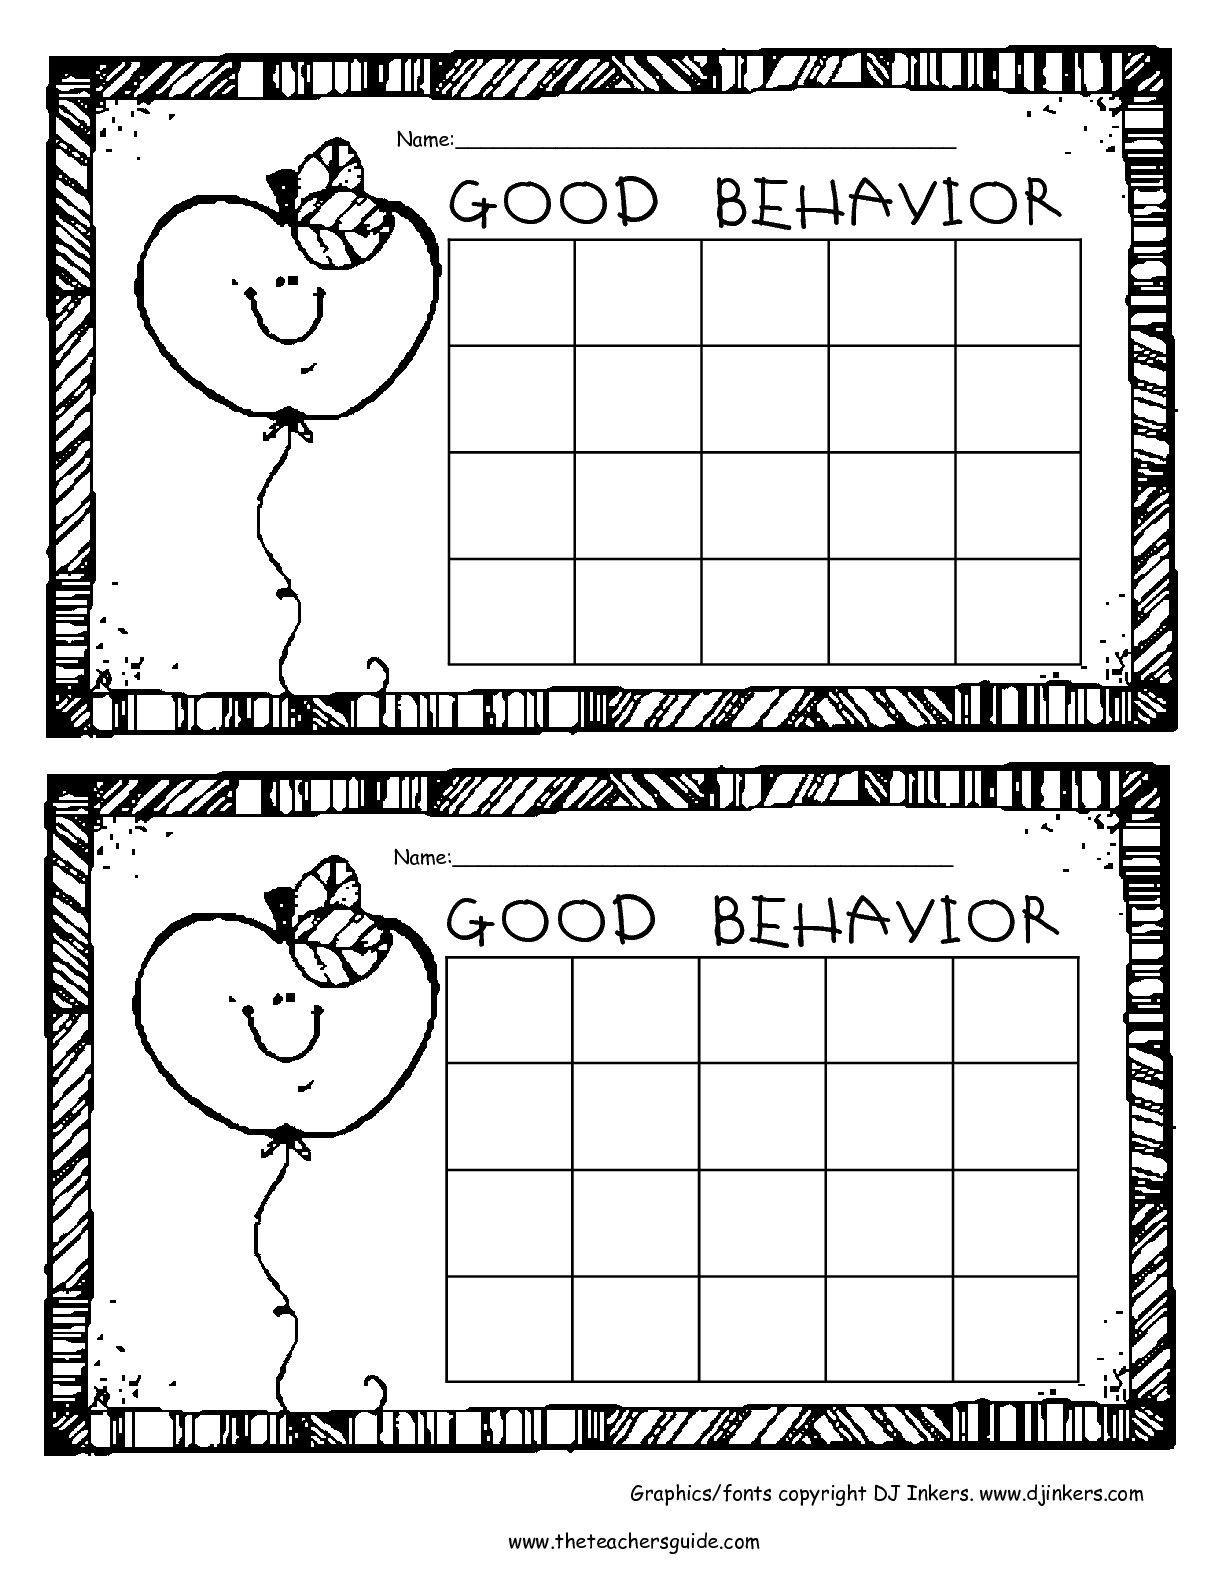 Free Printable Reward And Incentive Charts   Sticker Charts - Free Printable Incentive Charts For Teachers